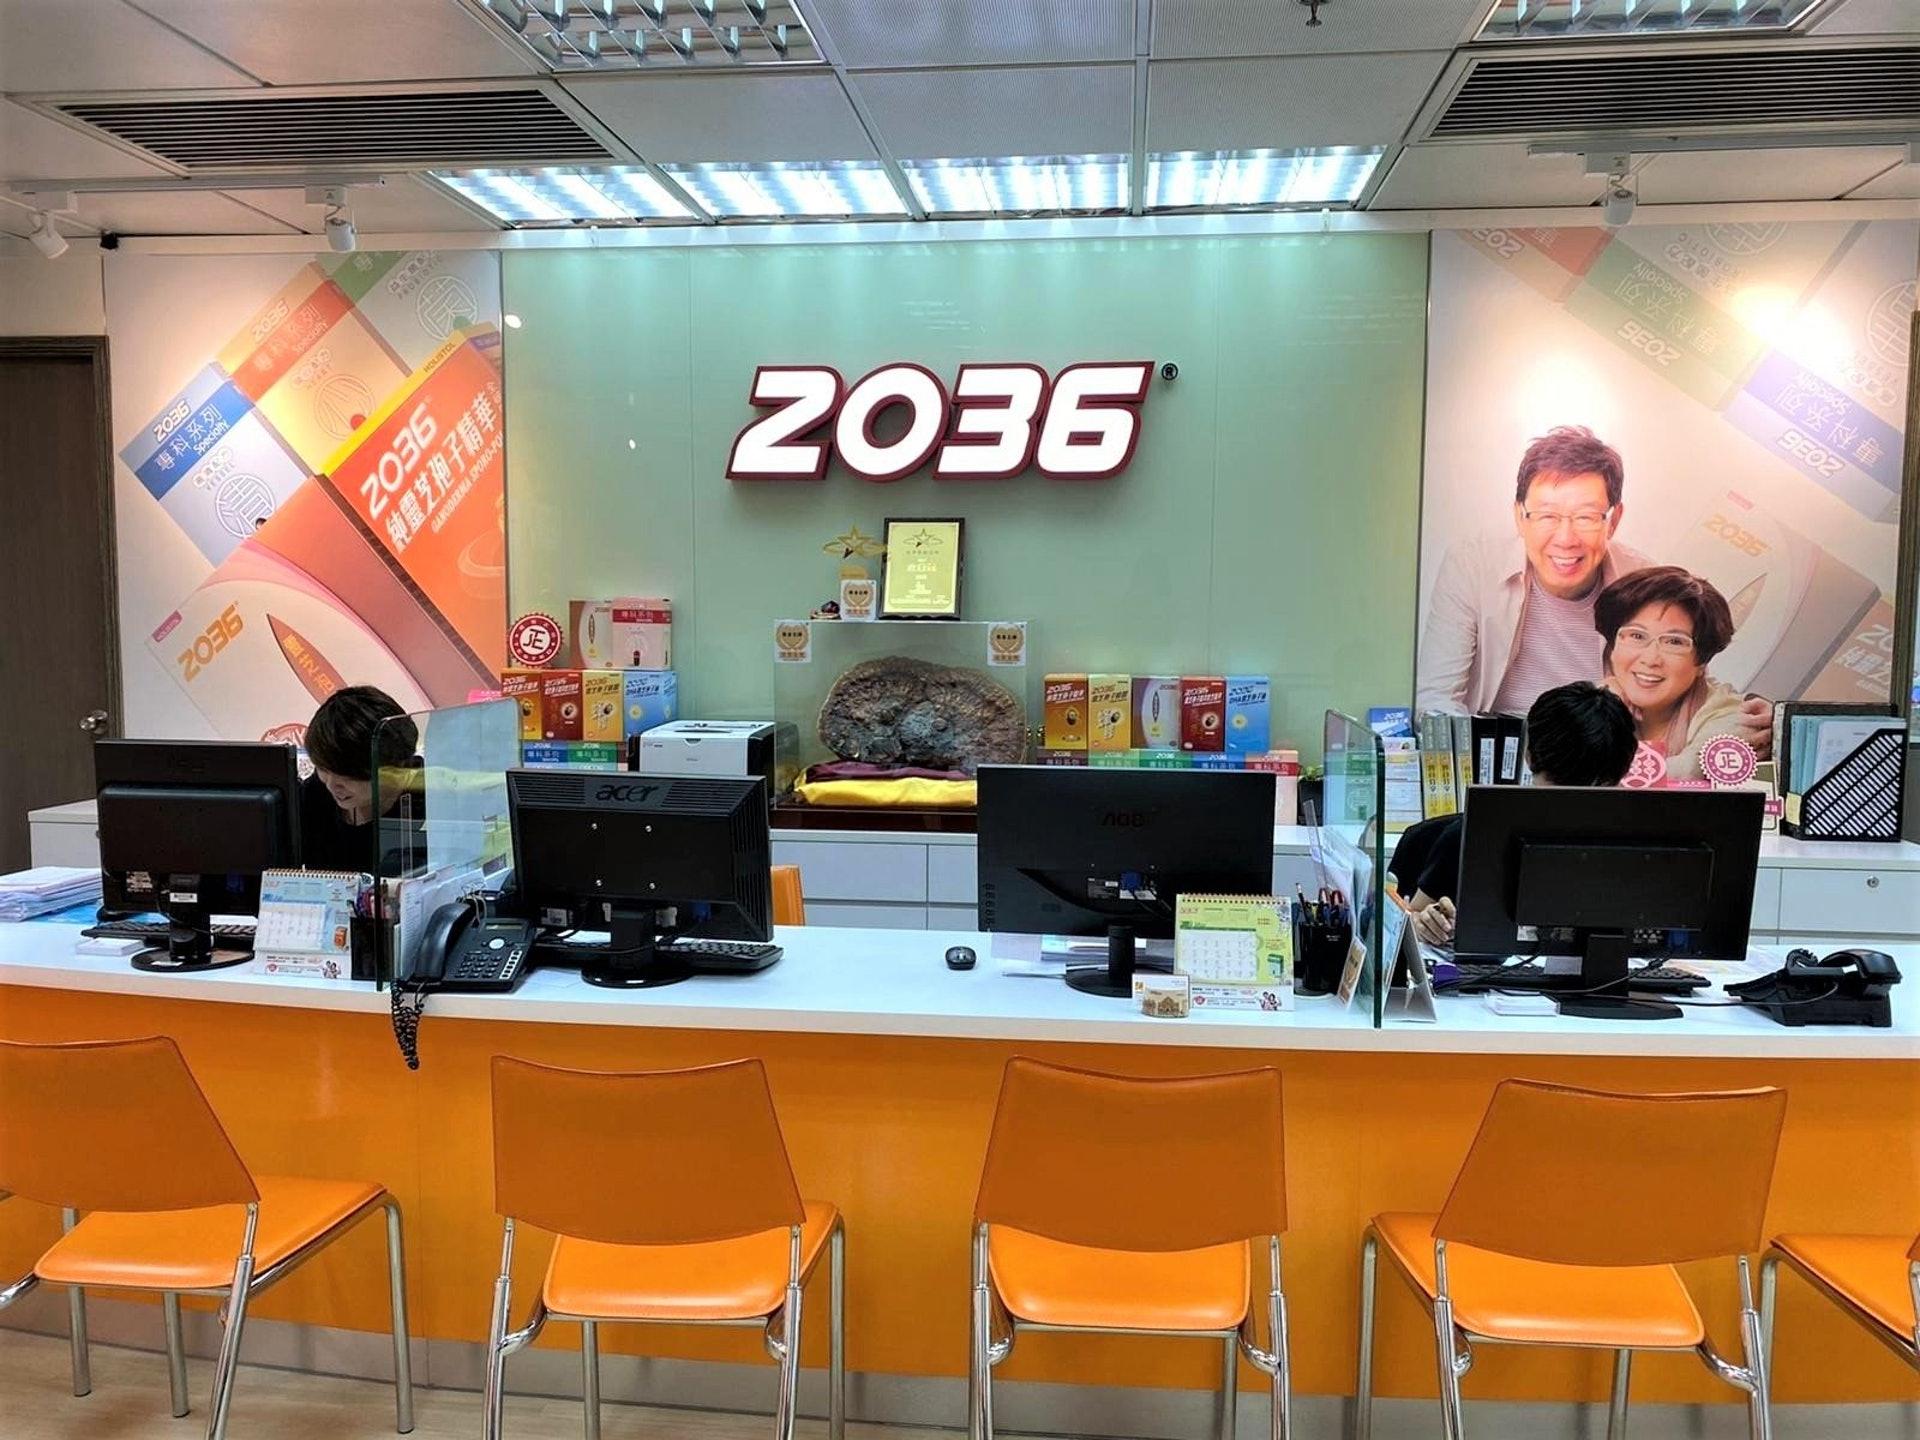 旺角開設2036健之會會員中心,方便顧客諮詢。